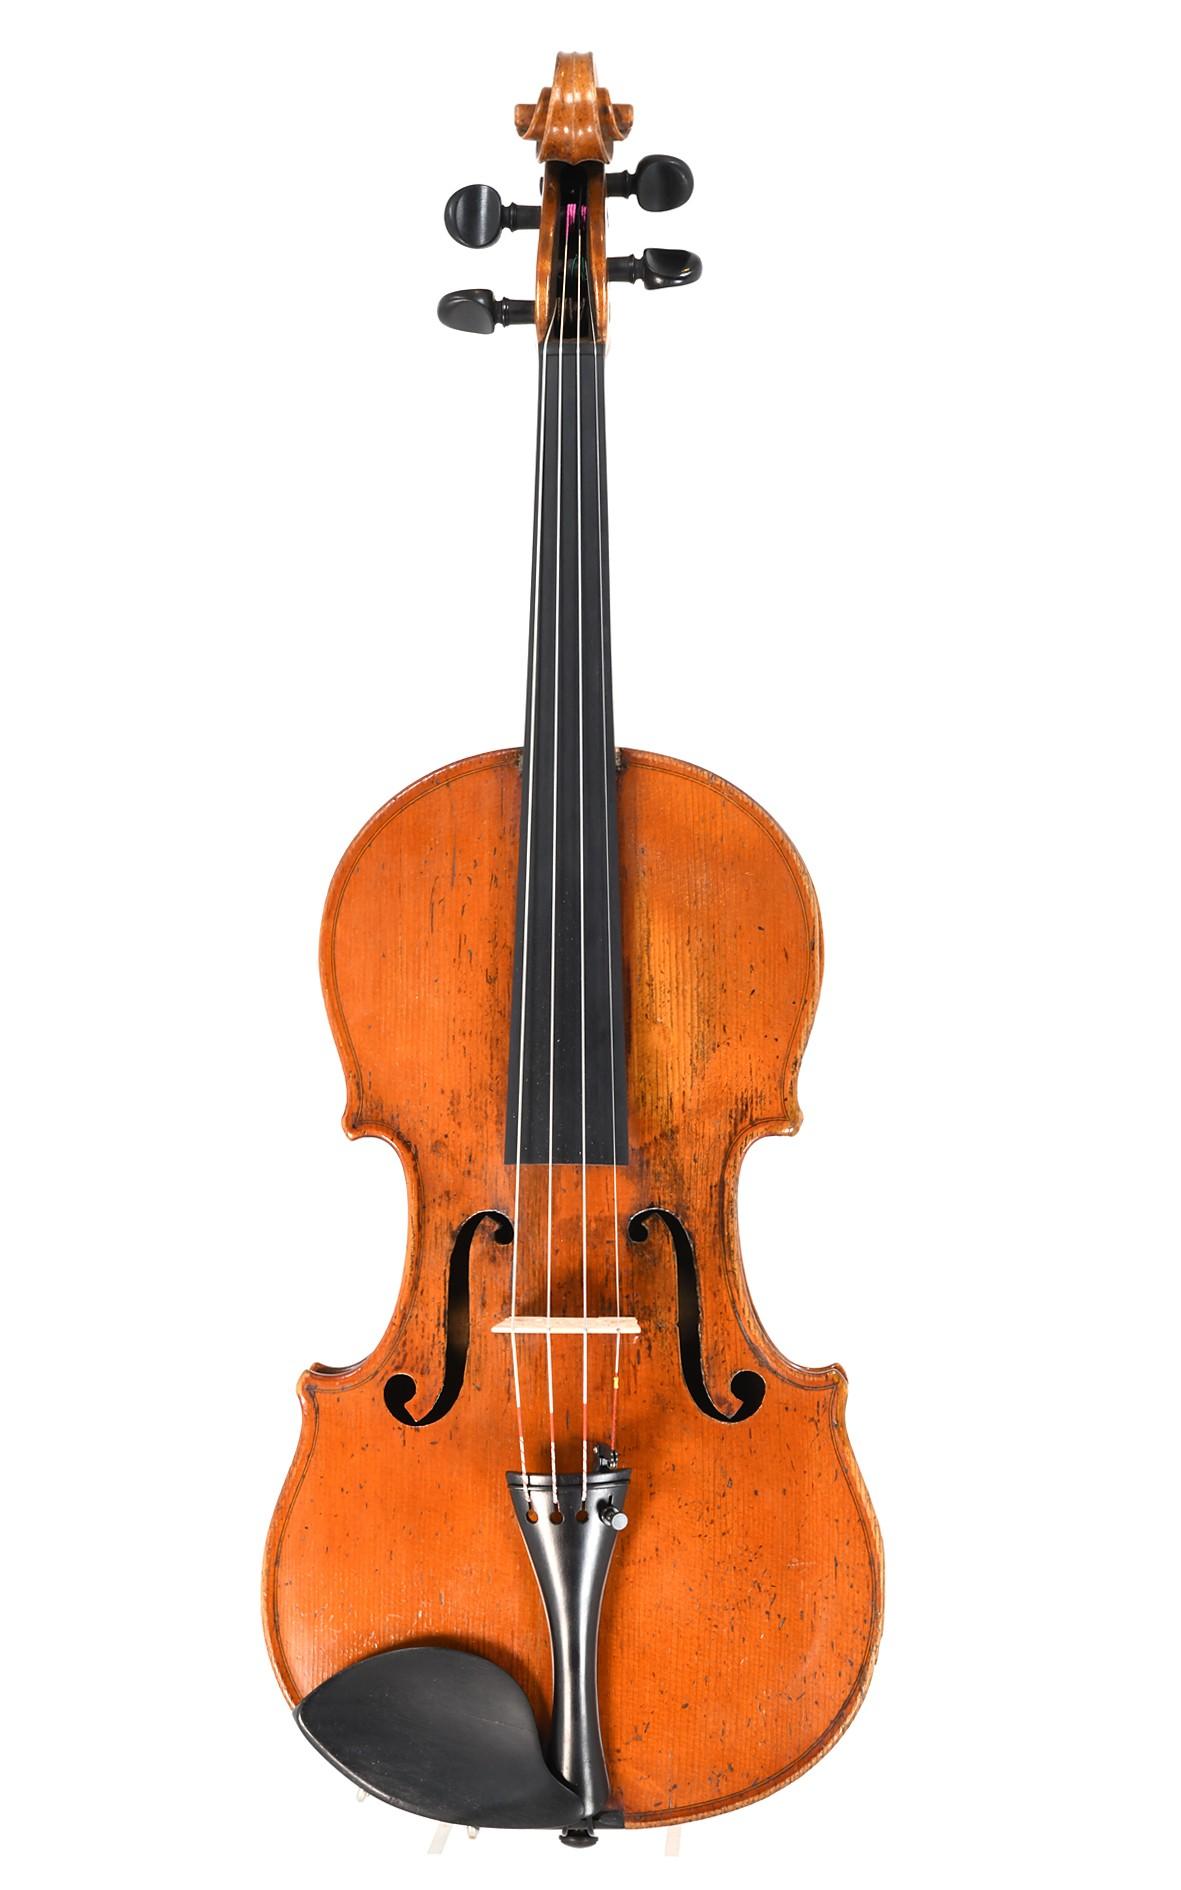 Charles Simonin violin